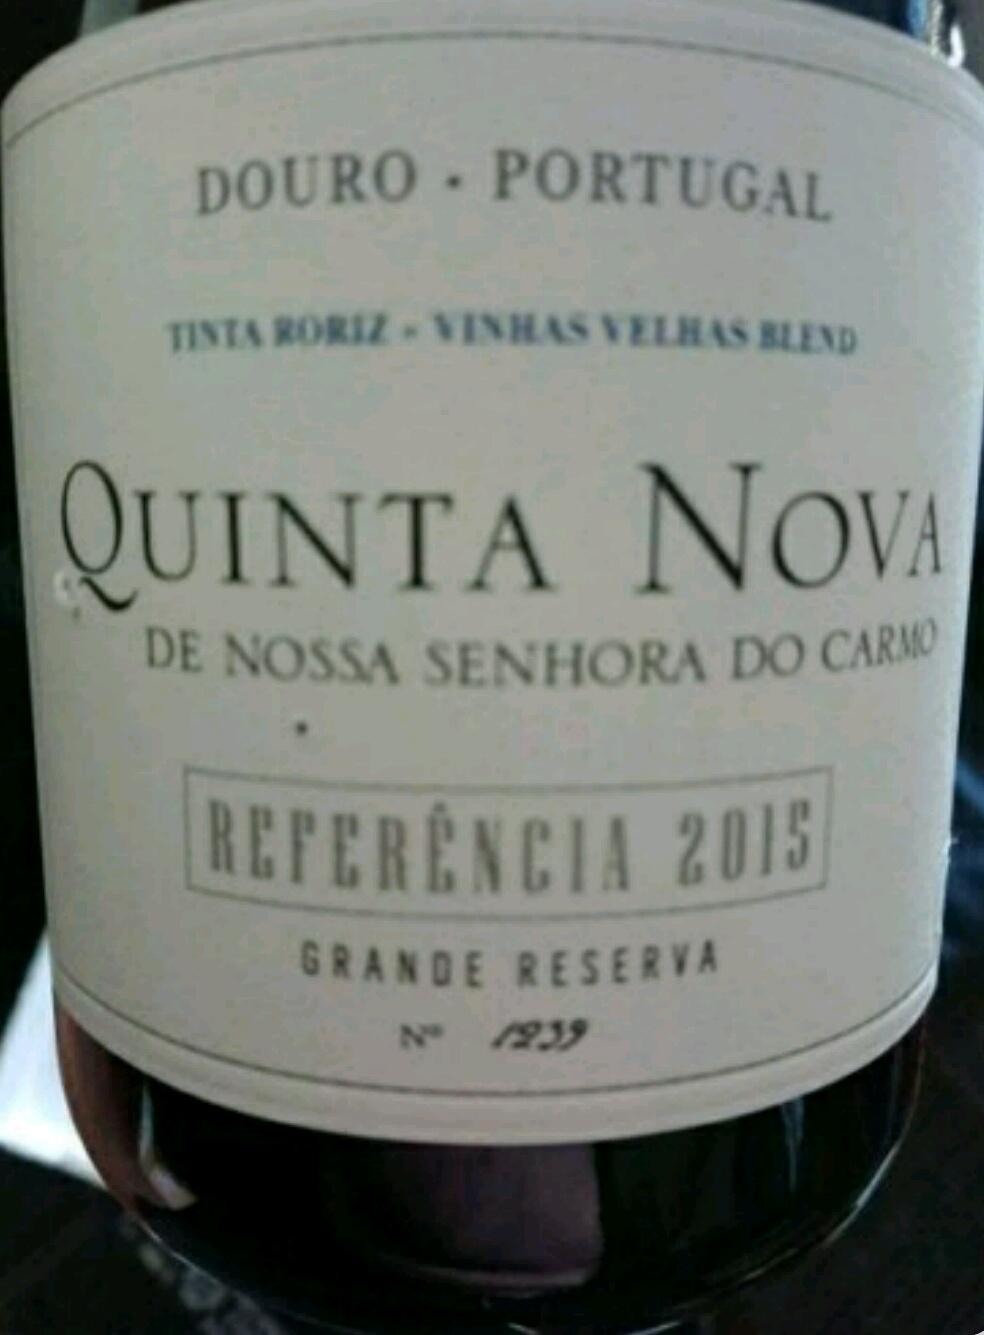 Catamos Quinta Nova de Nossa Senhora do Carmo Douro Grande Reserva Referencia 2015 1